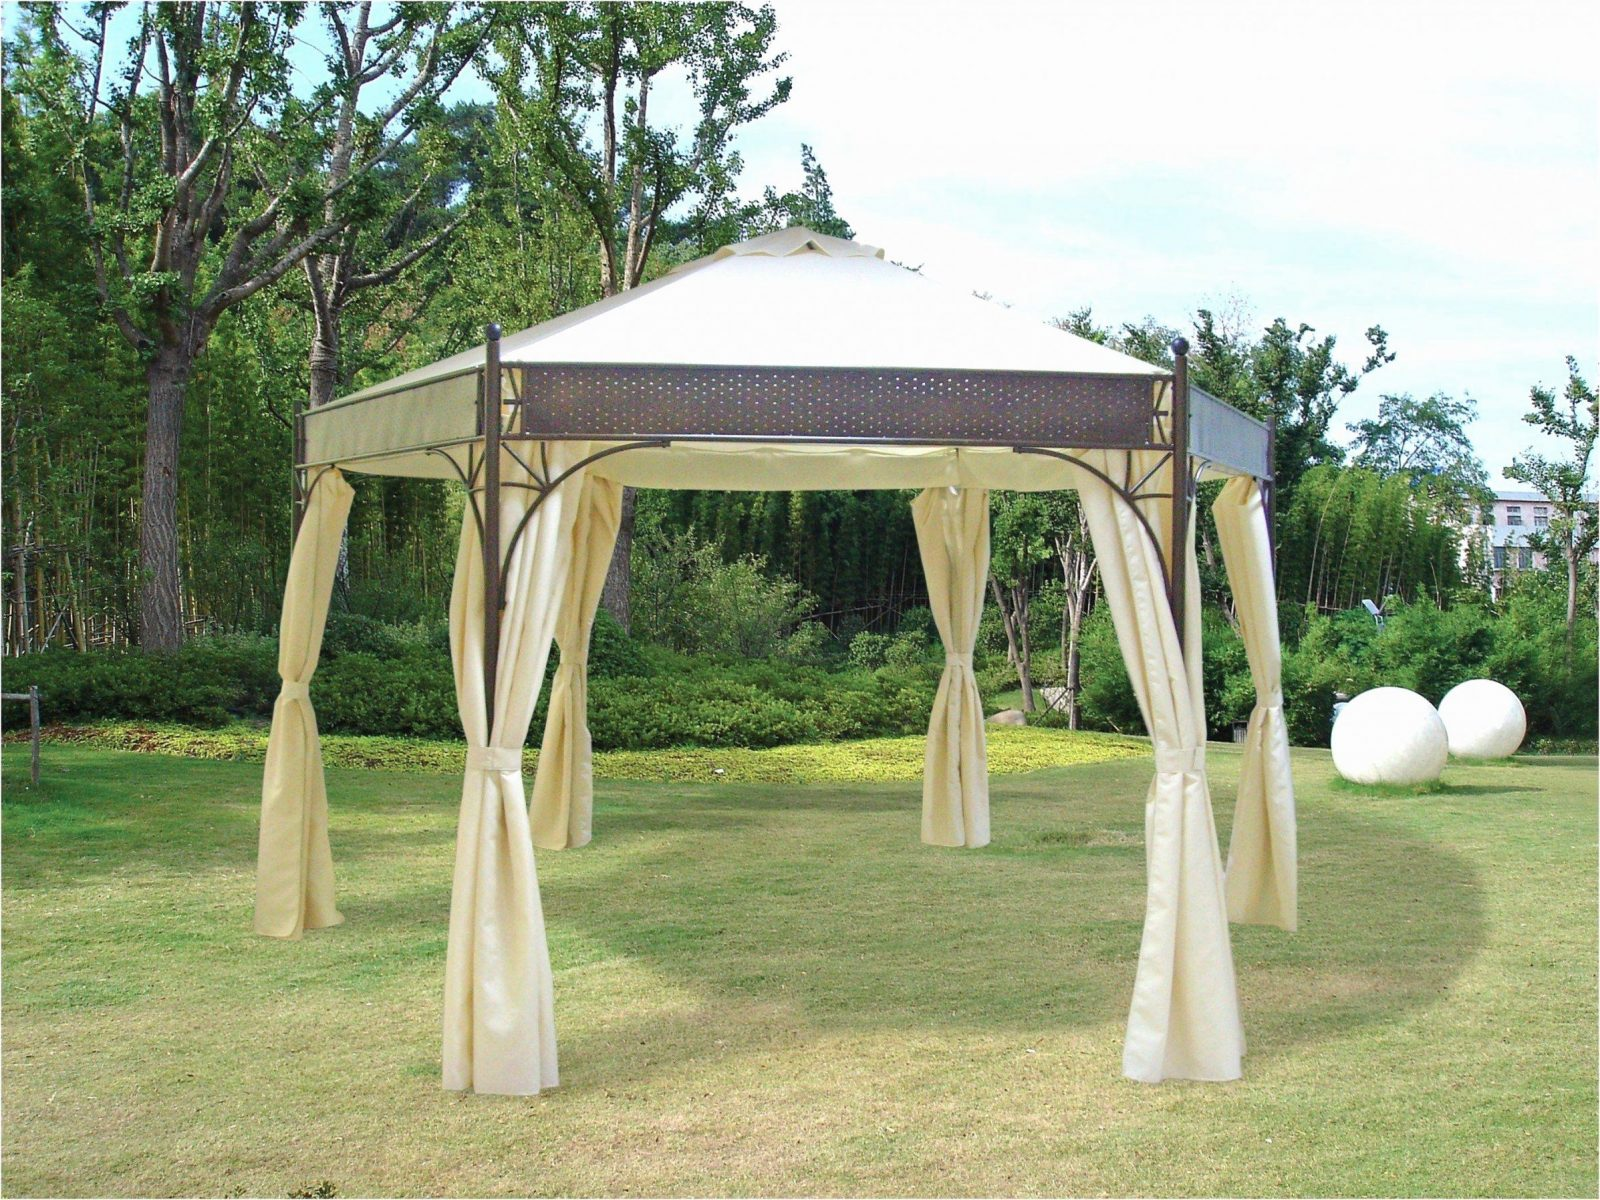 Frisch 40 Faltpavillon 3×3 Wasserdicht Stabil Design Ideen Schöne von Pavillon 3X4 Wasserdicht Stabil Bild